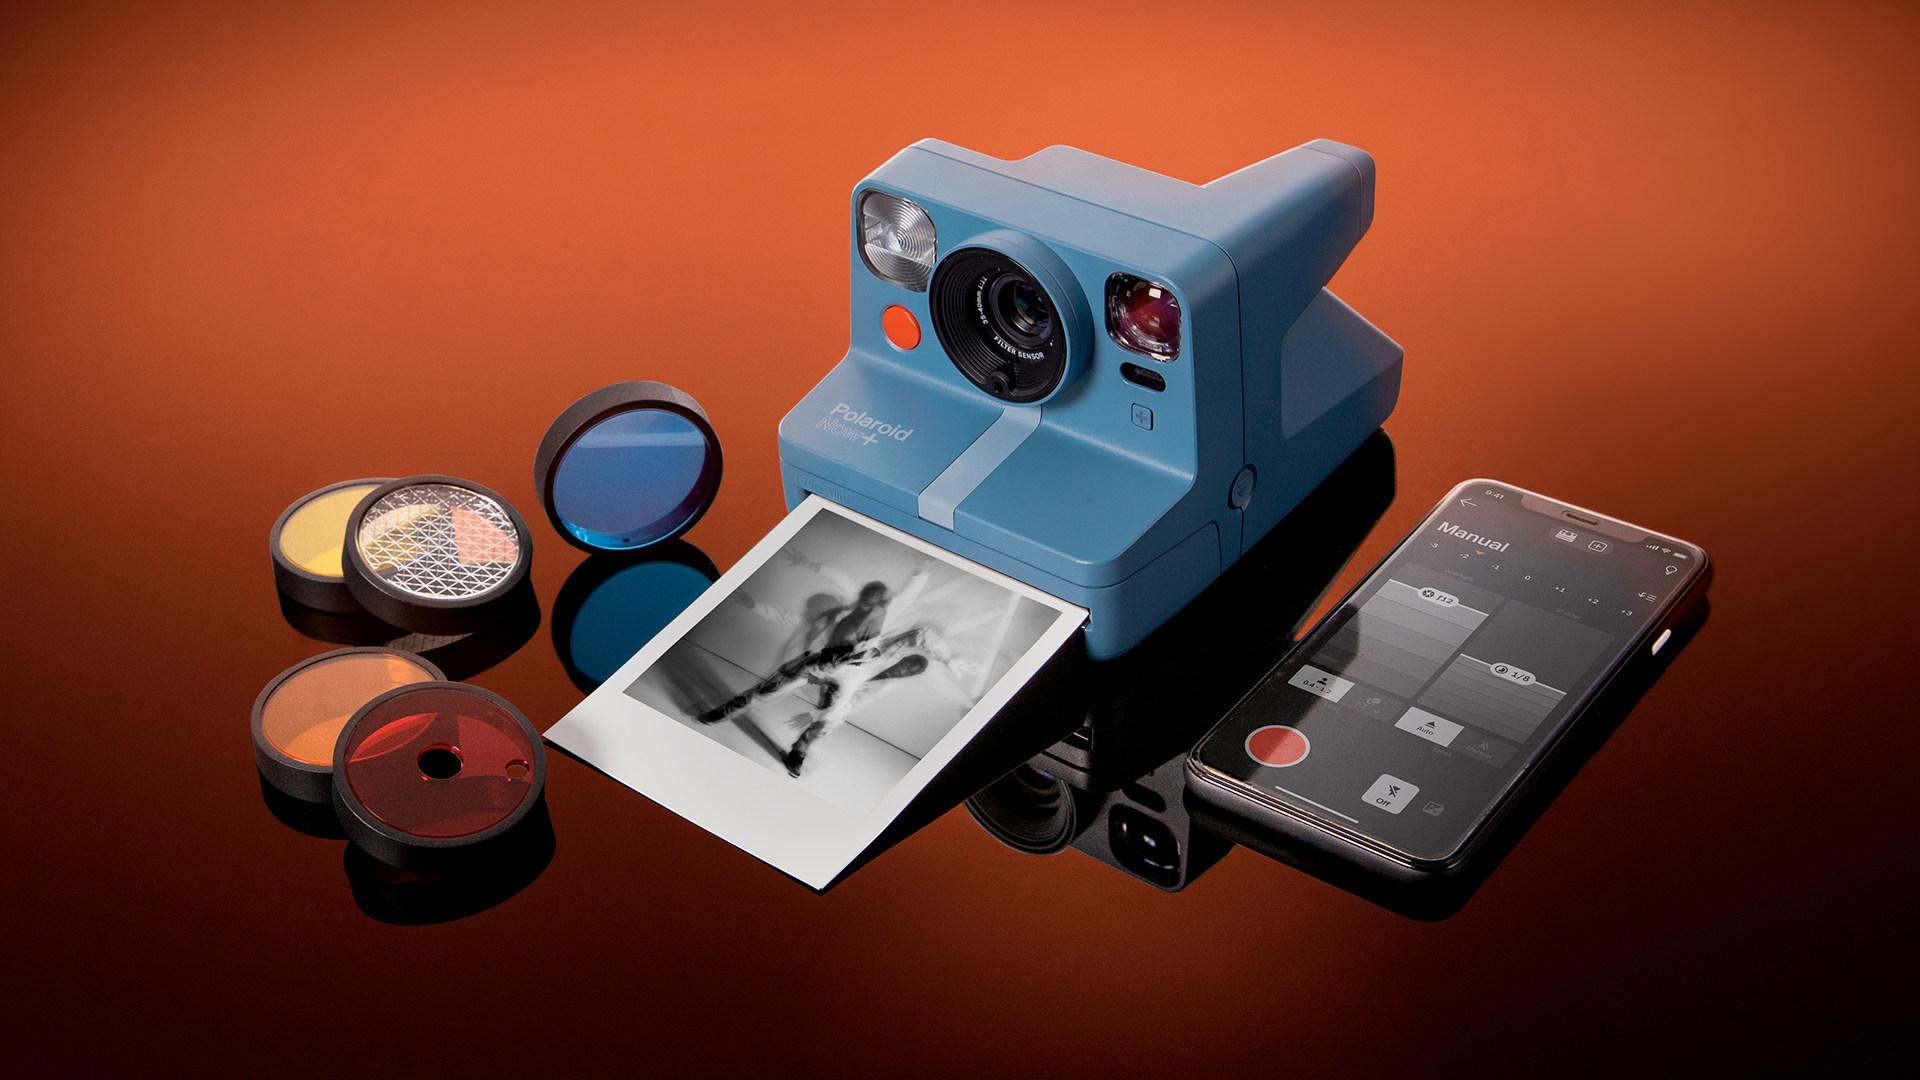 Nawet w pełni analogowy aparat może połączyć się ze światem! To Polaroid Now+